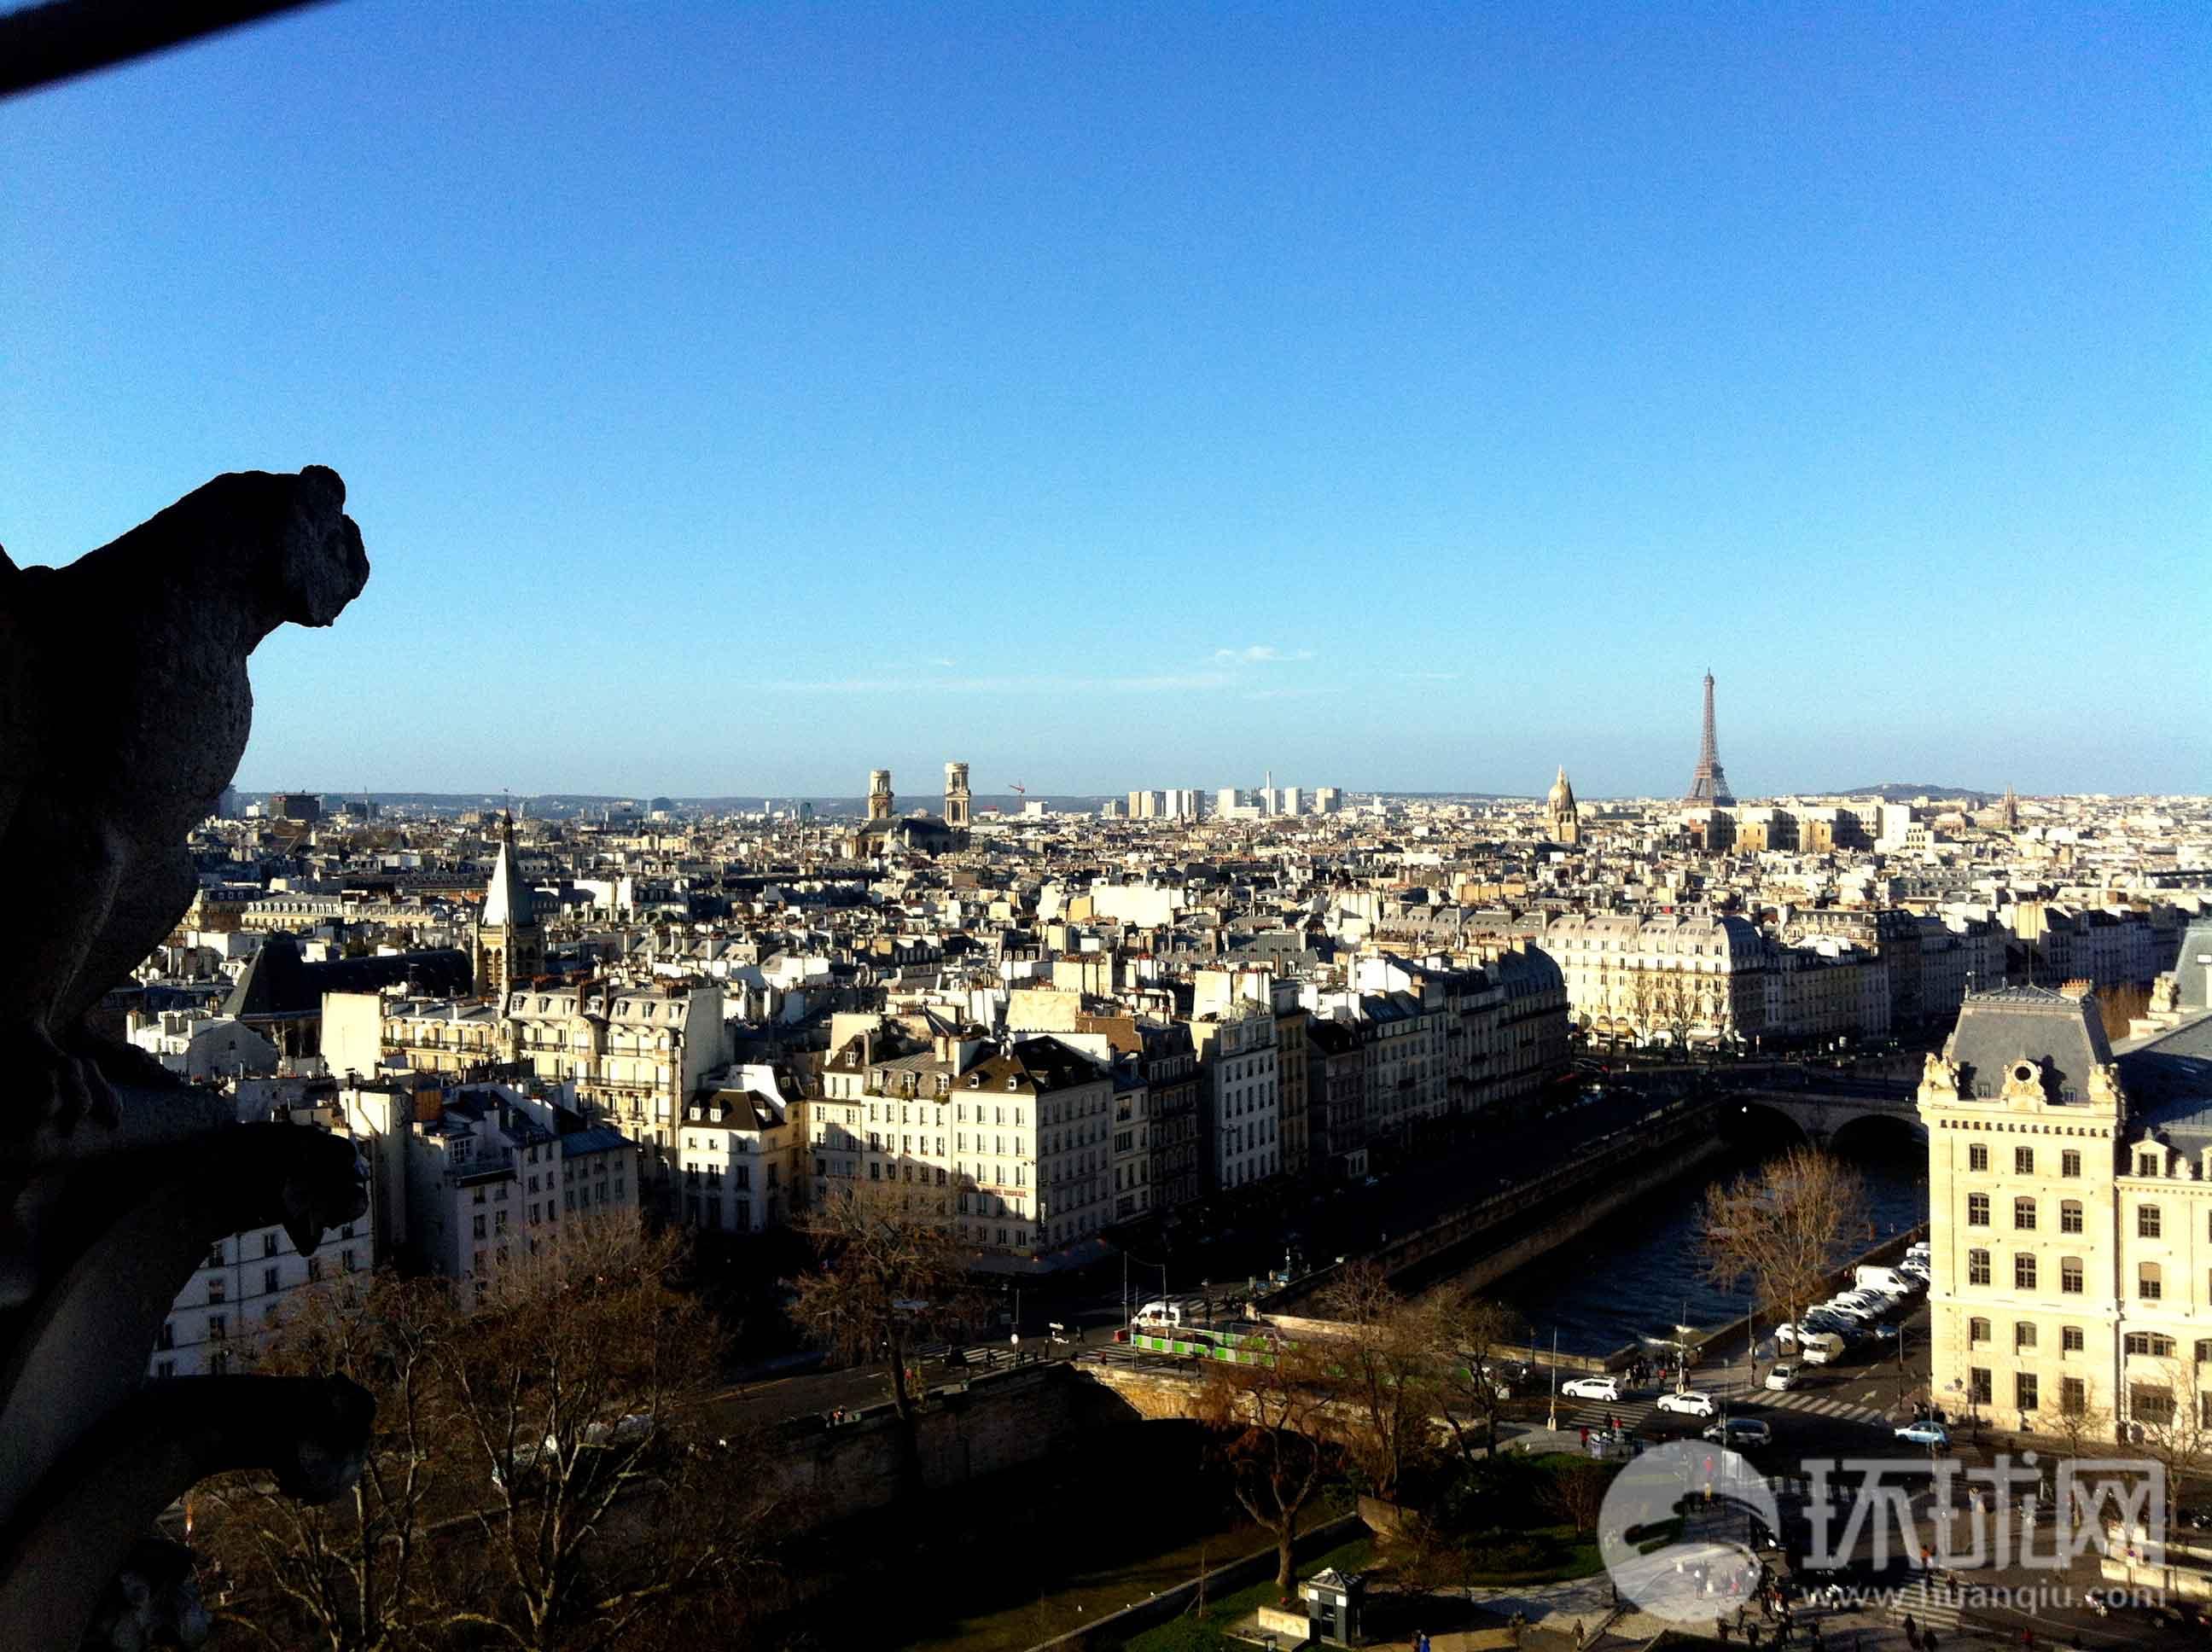 巴黎协和广场.从这里向北,巴黎的和平世界似乎渐渐被关闭.